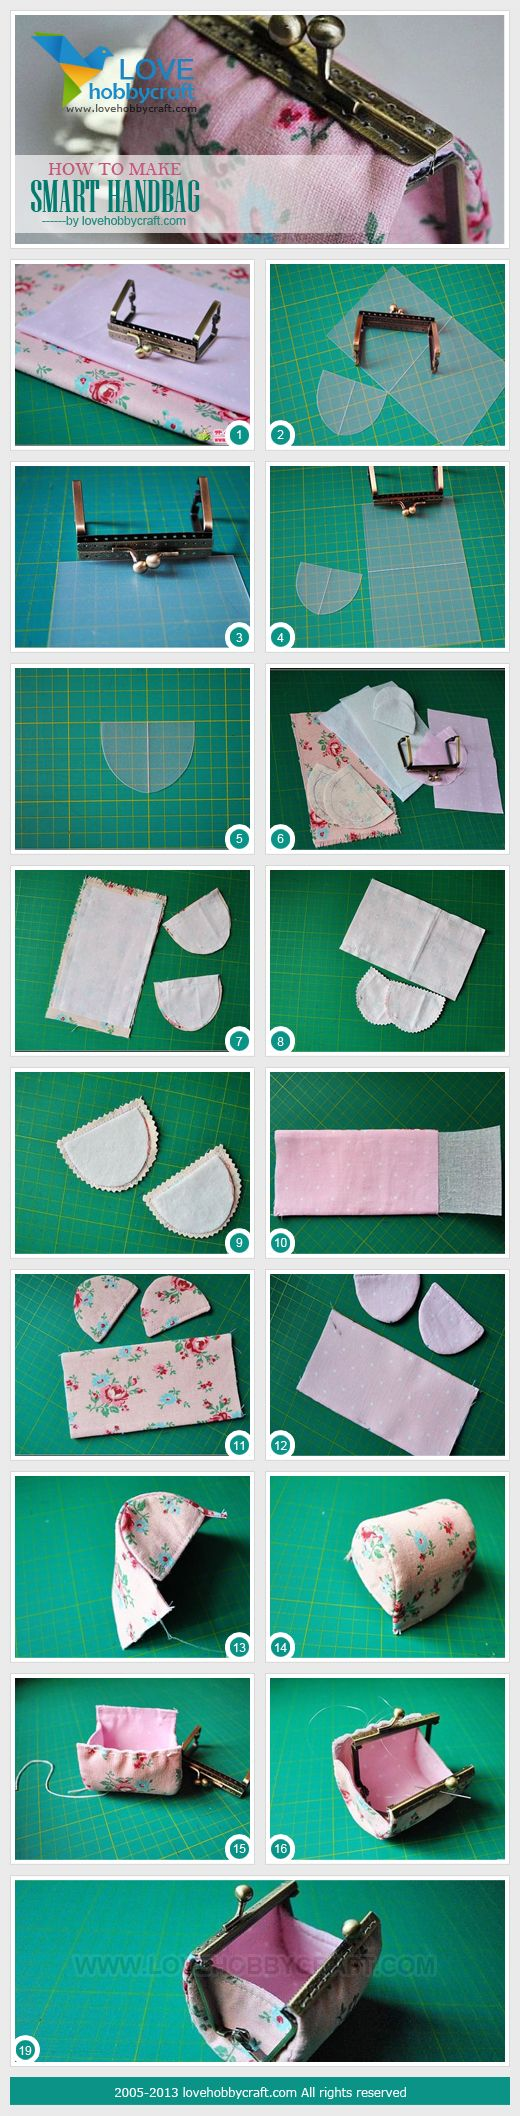 how to make smart handbag